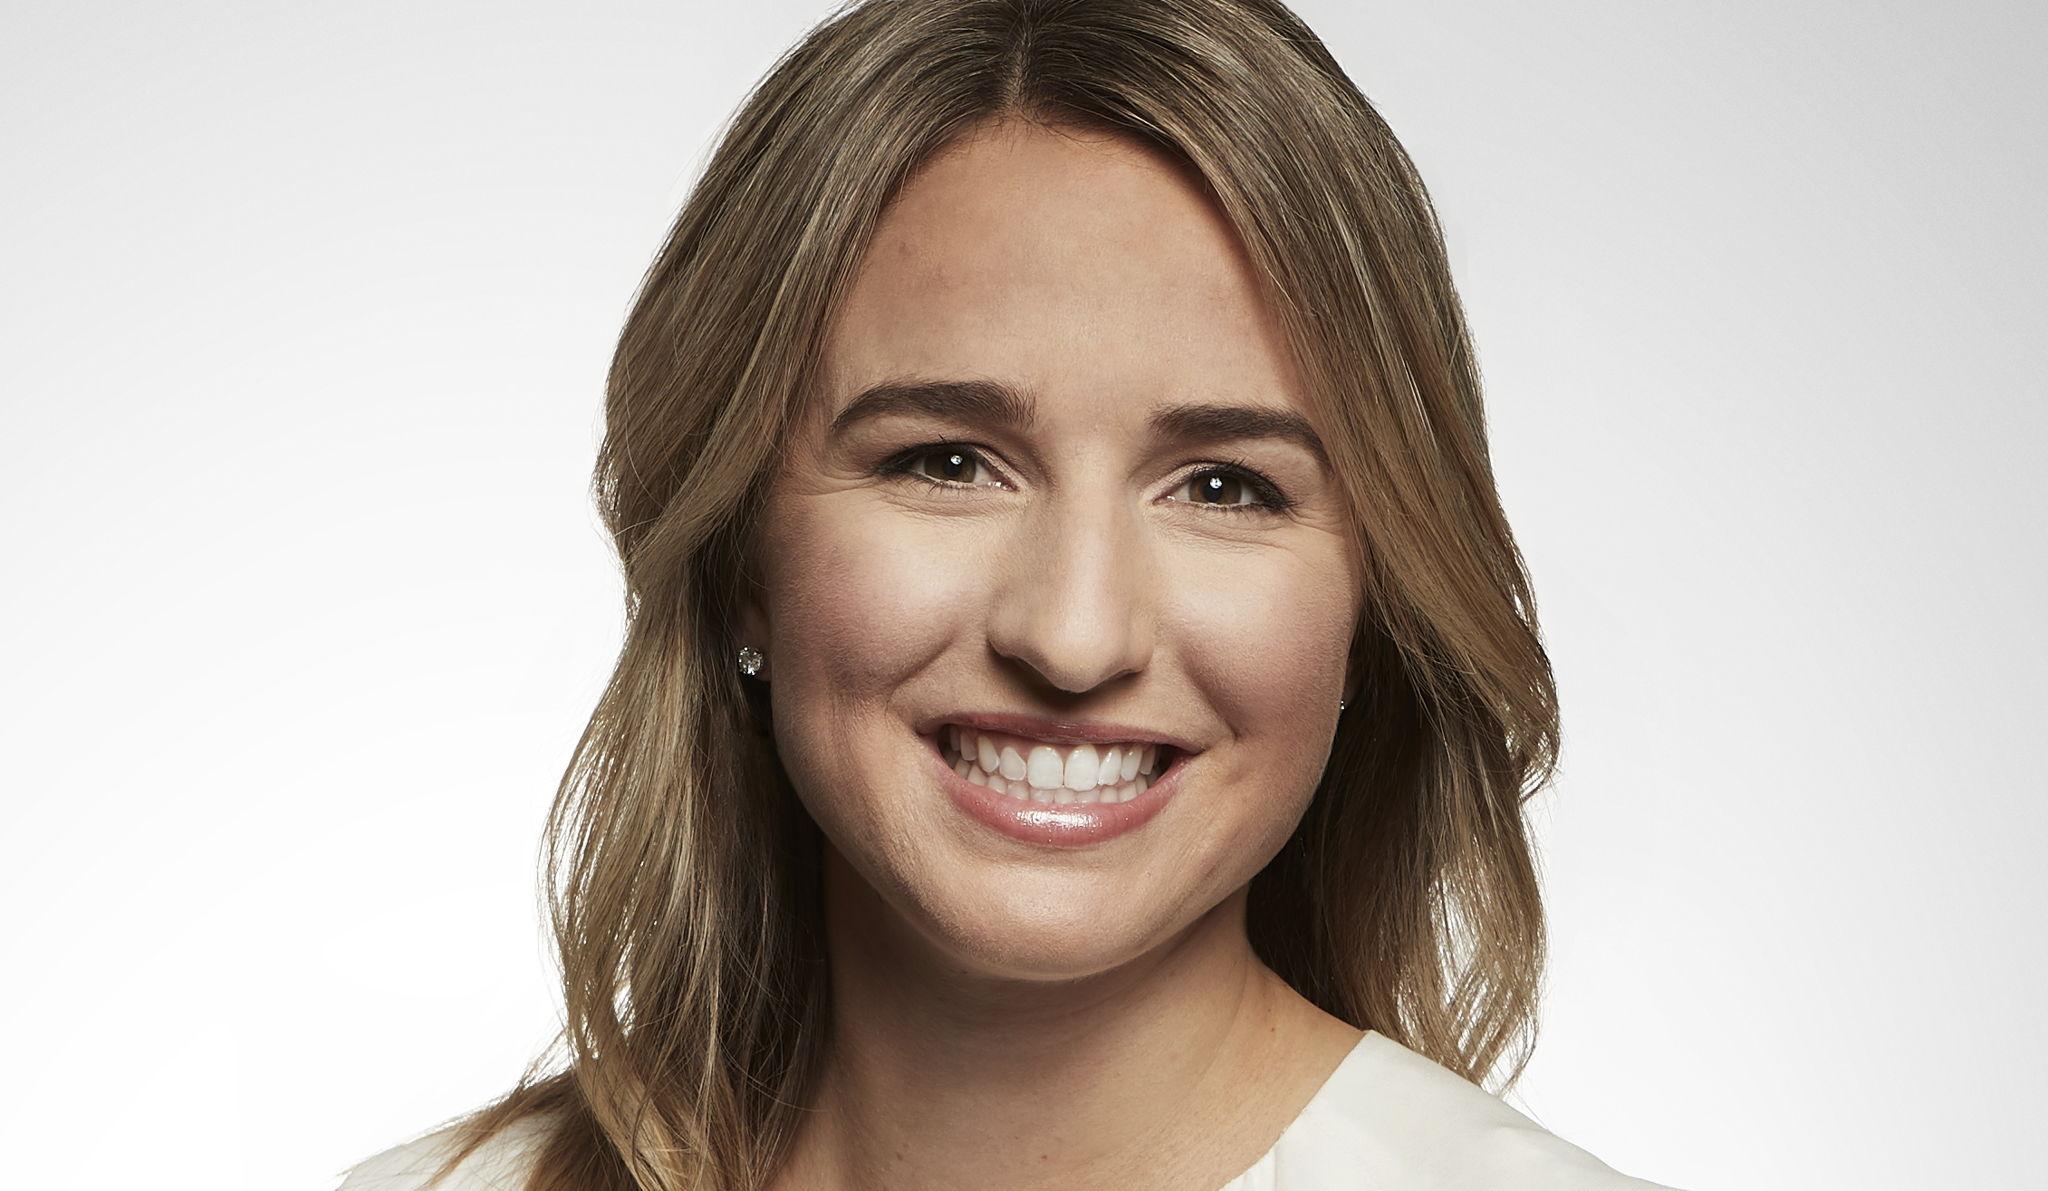 Allie Cefalo